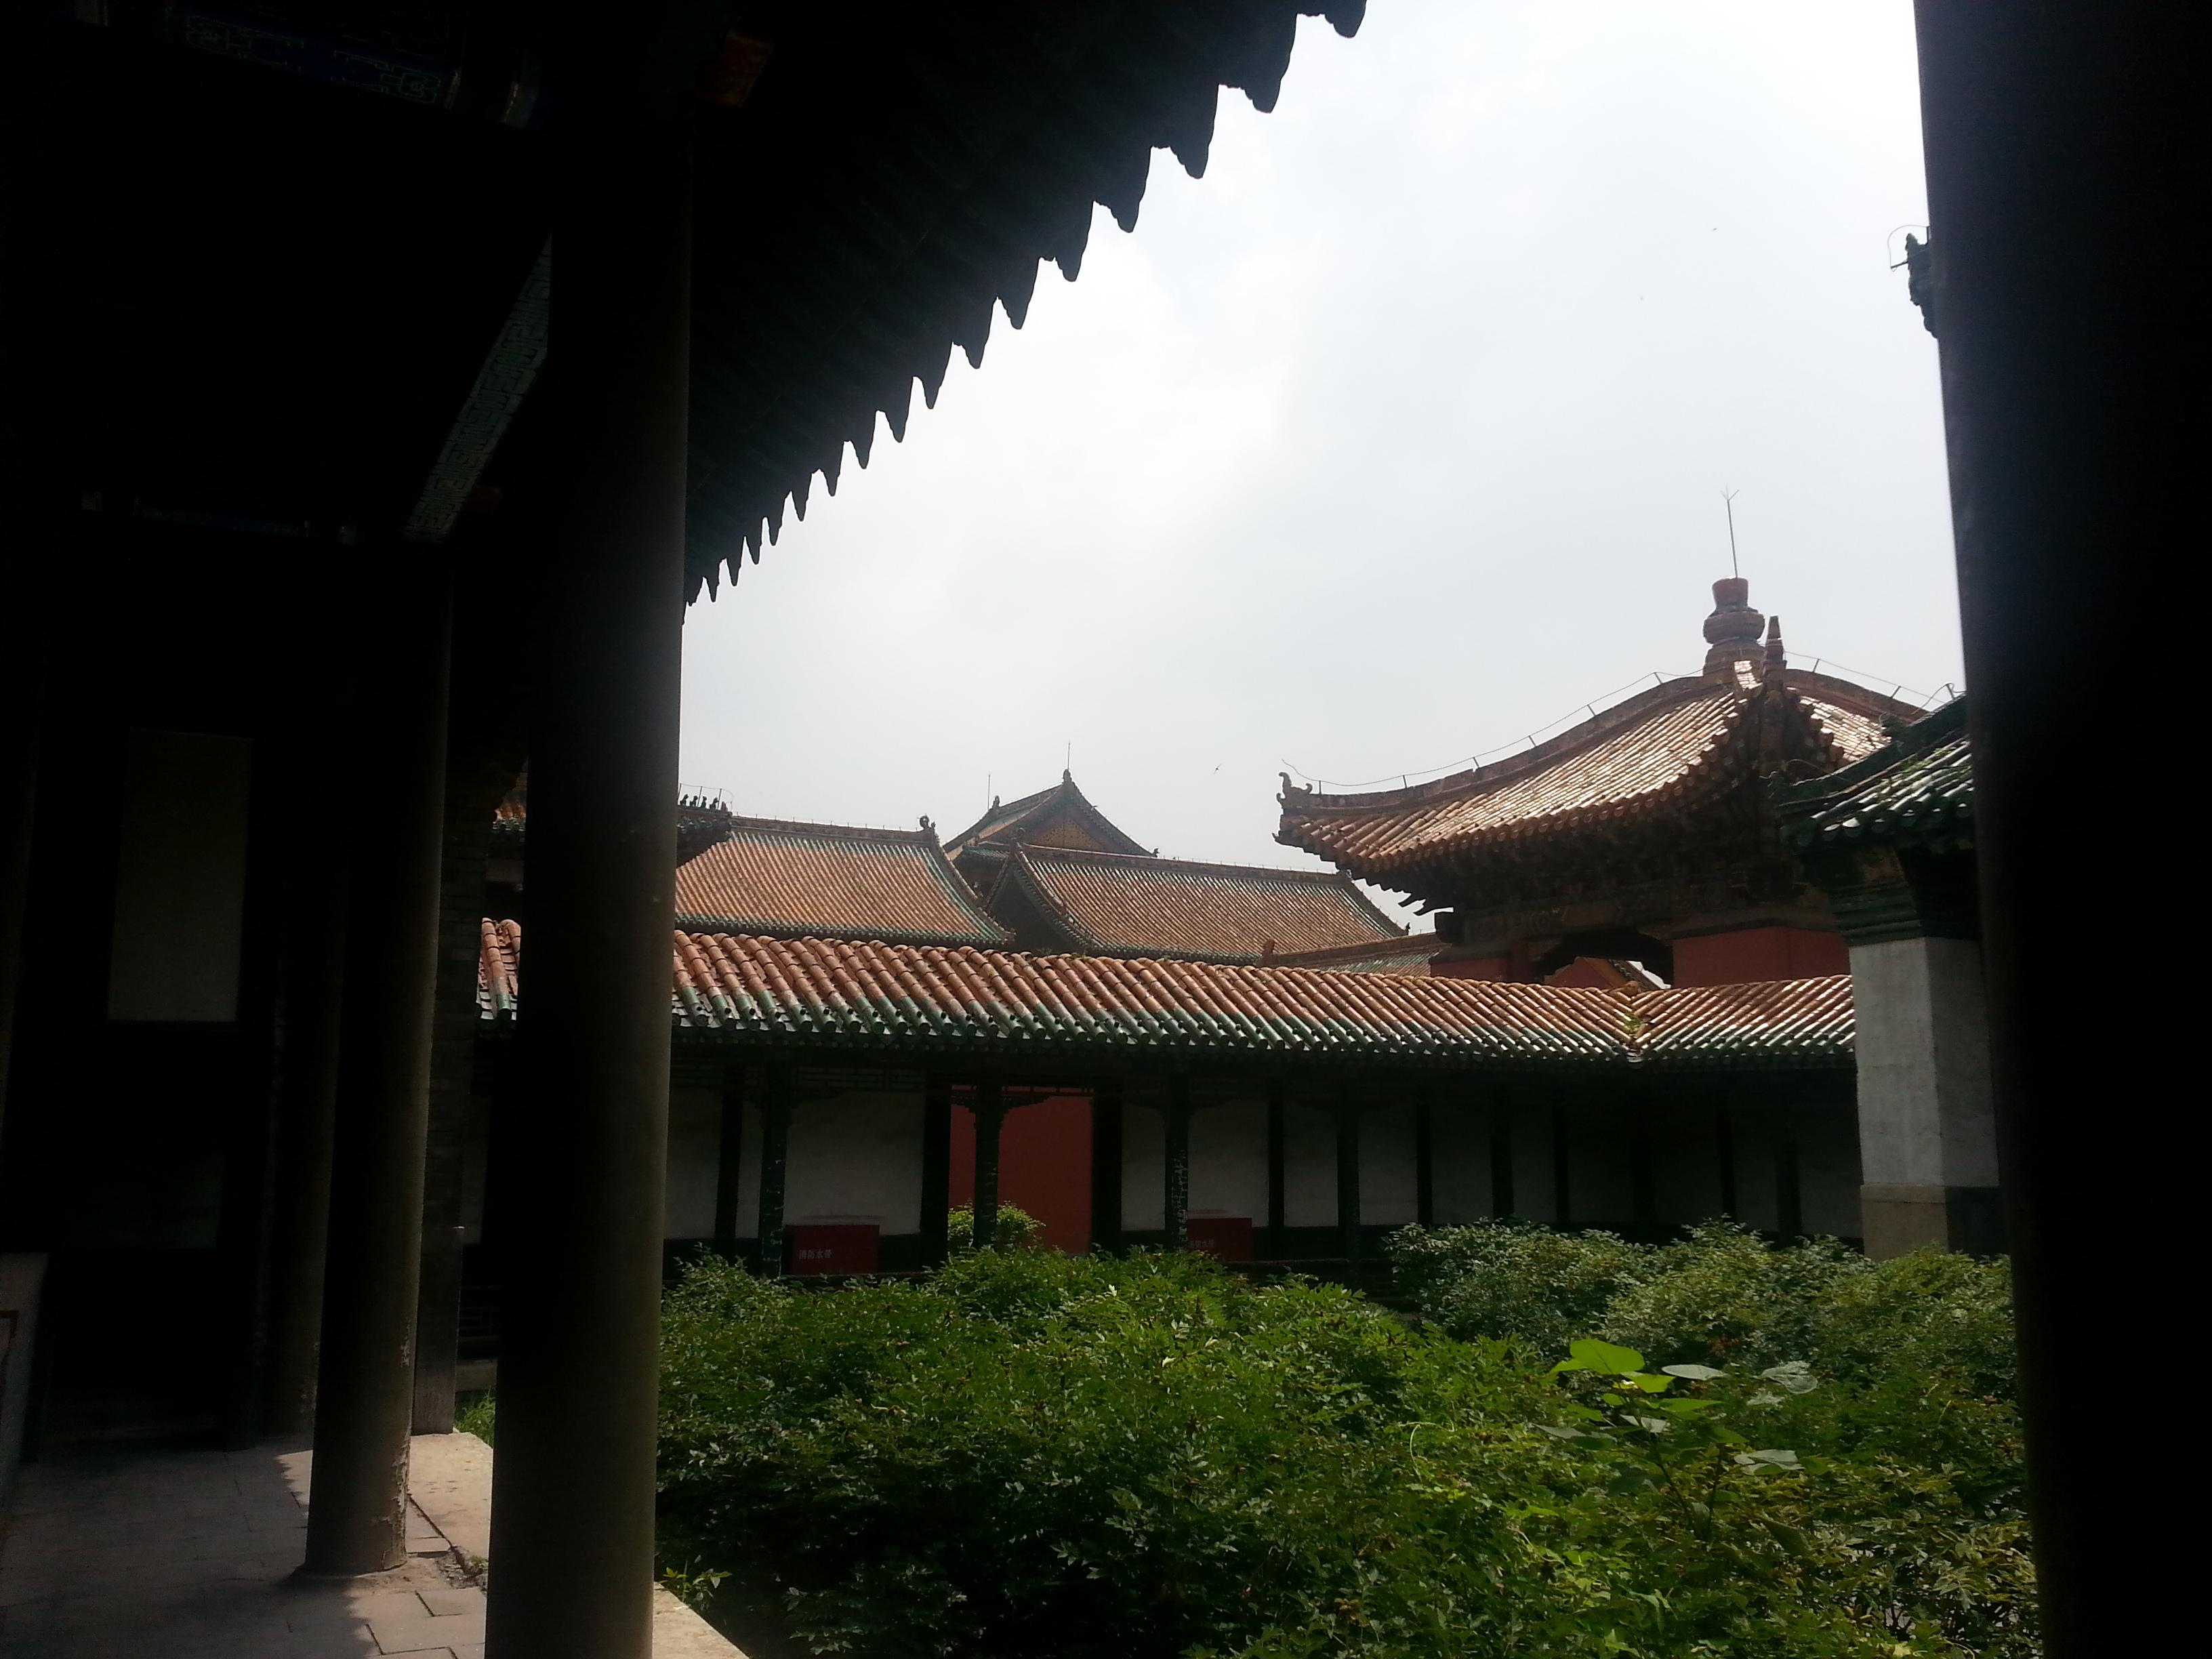 高清下载 鸟巢全景俯视图 北京故宫图片俯视图